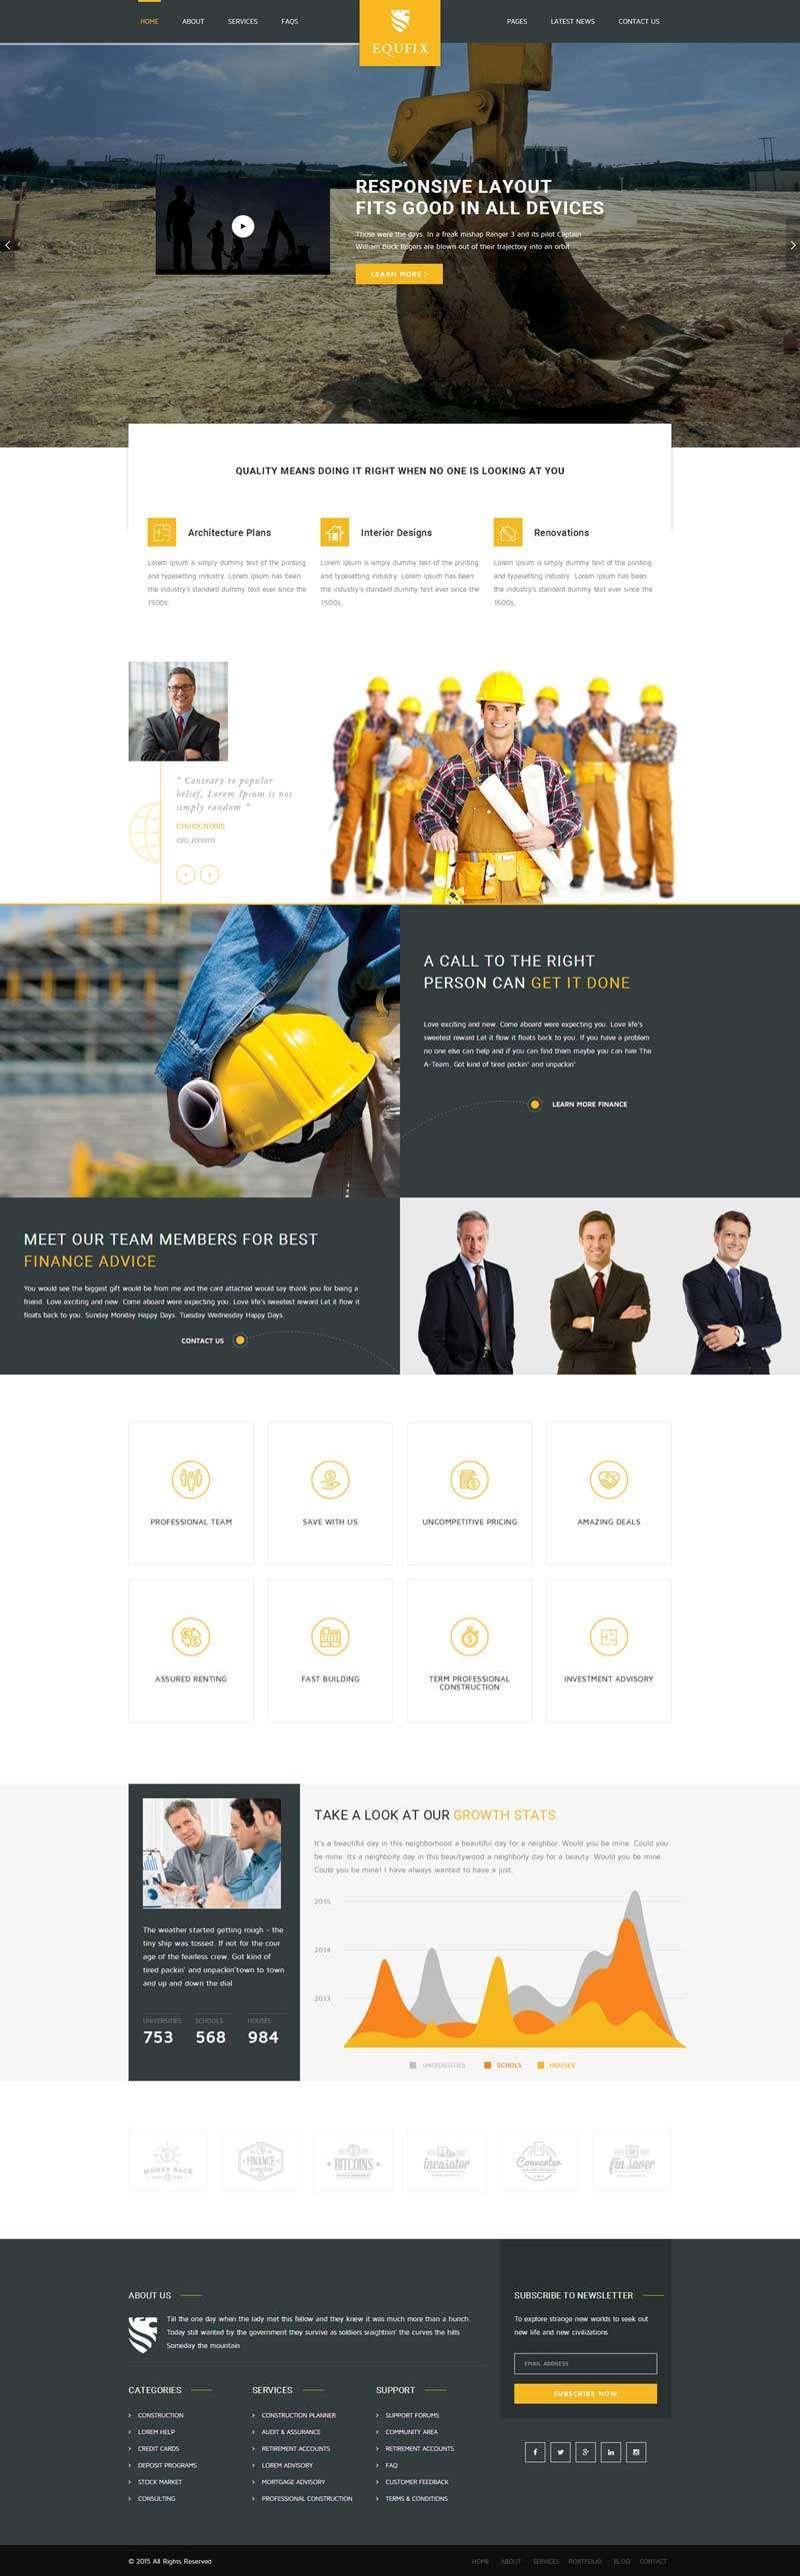 橙色大气的建筑工程行业网站模板